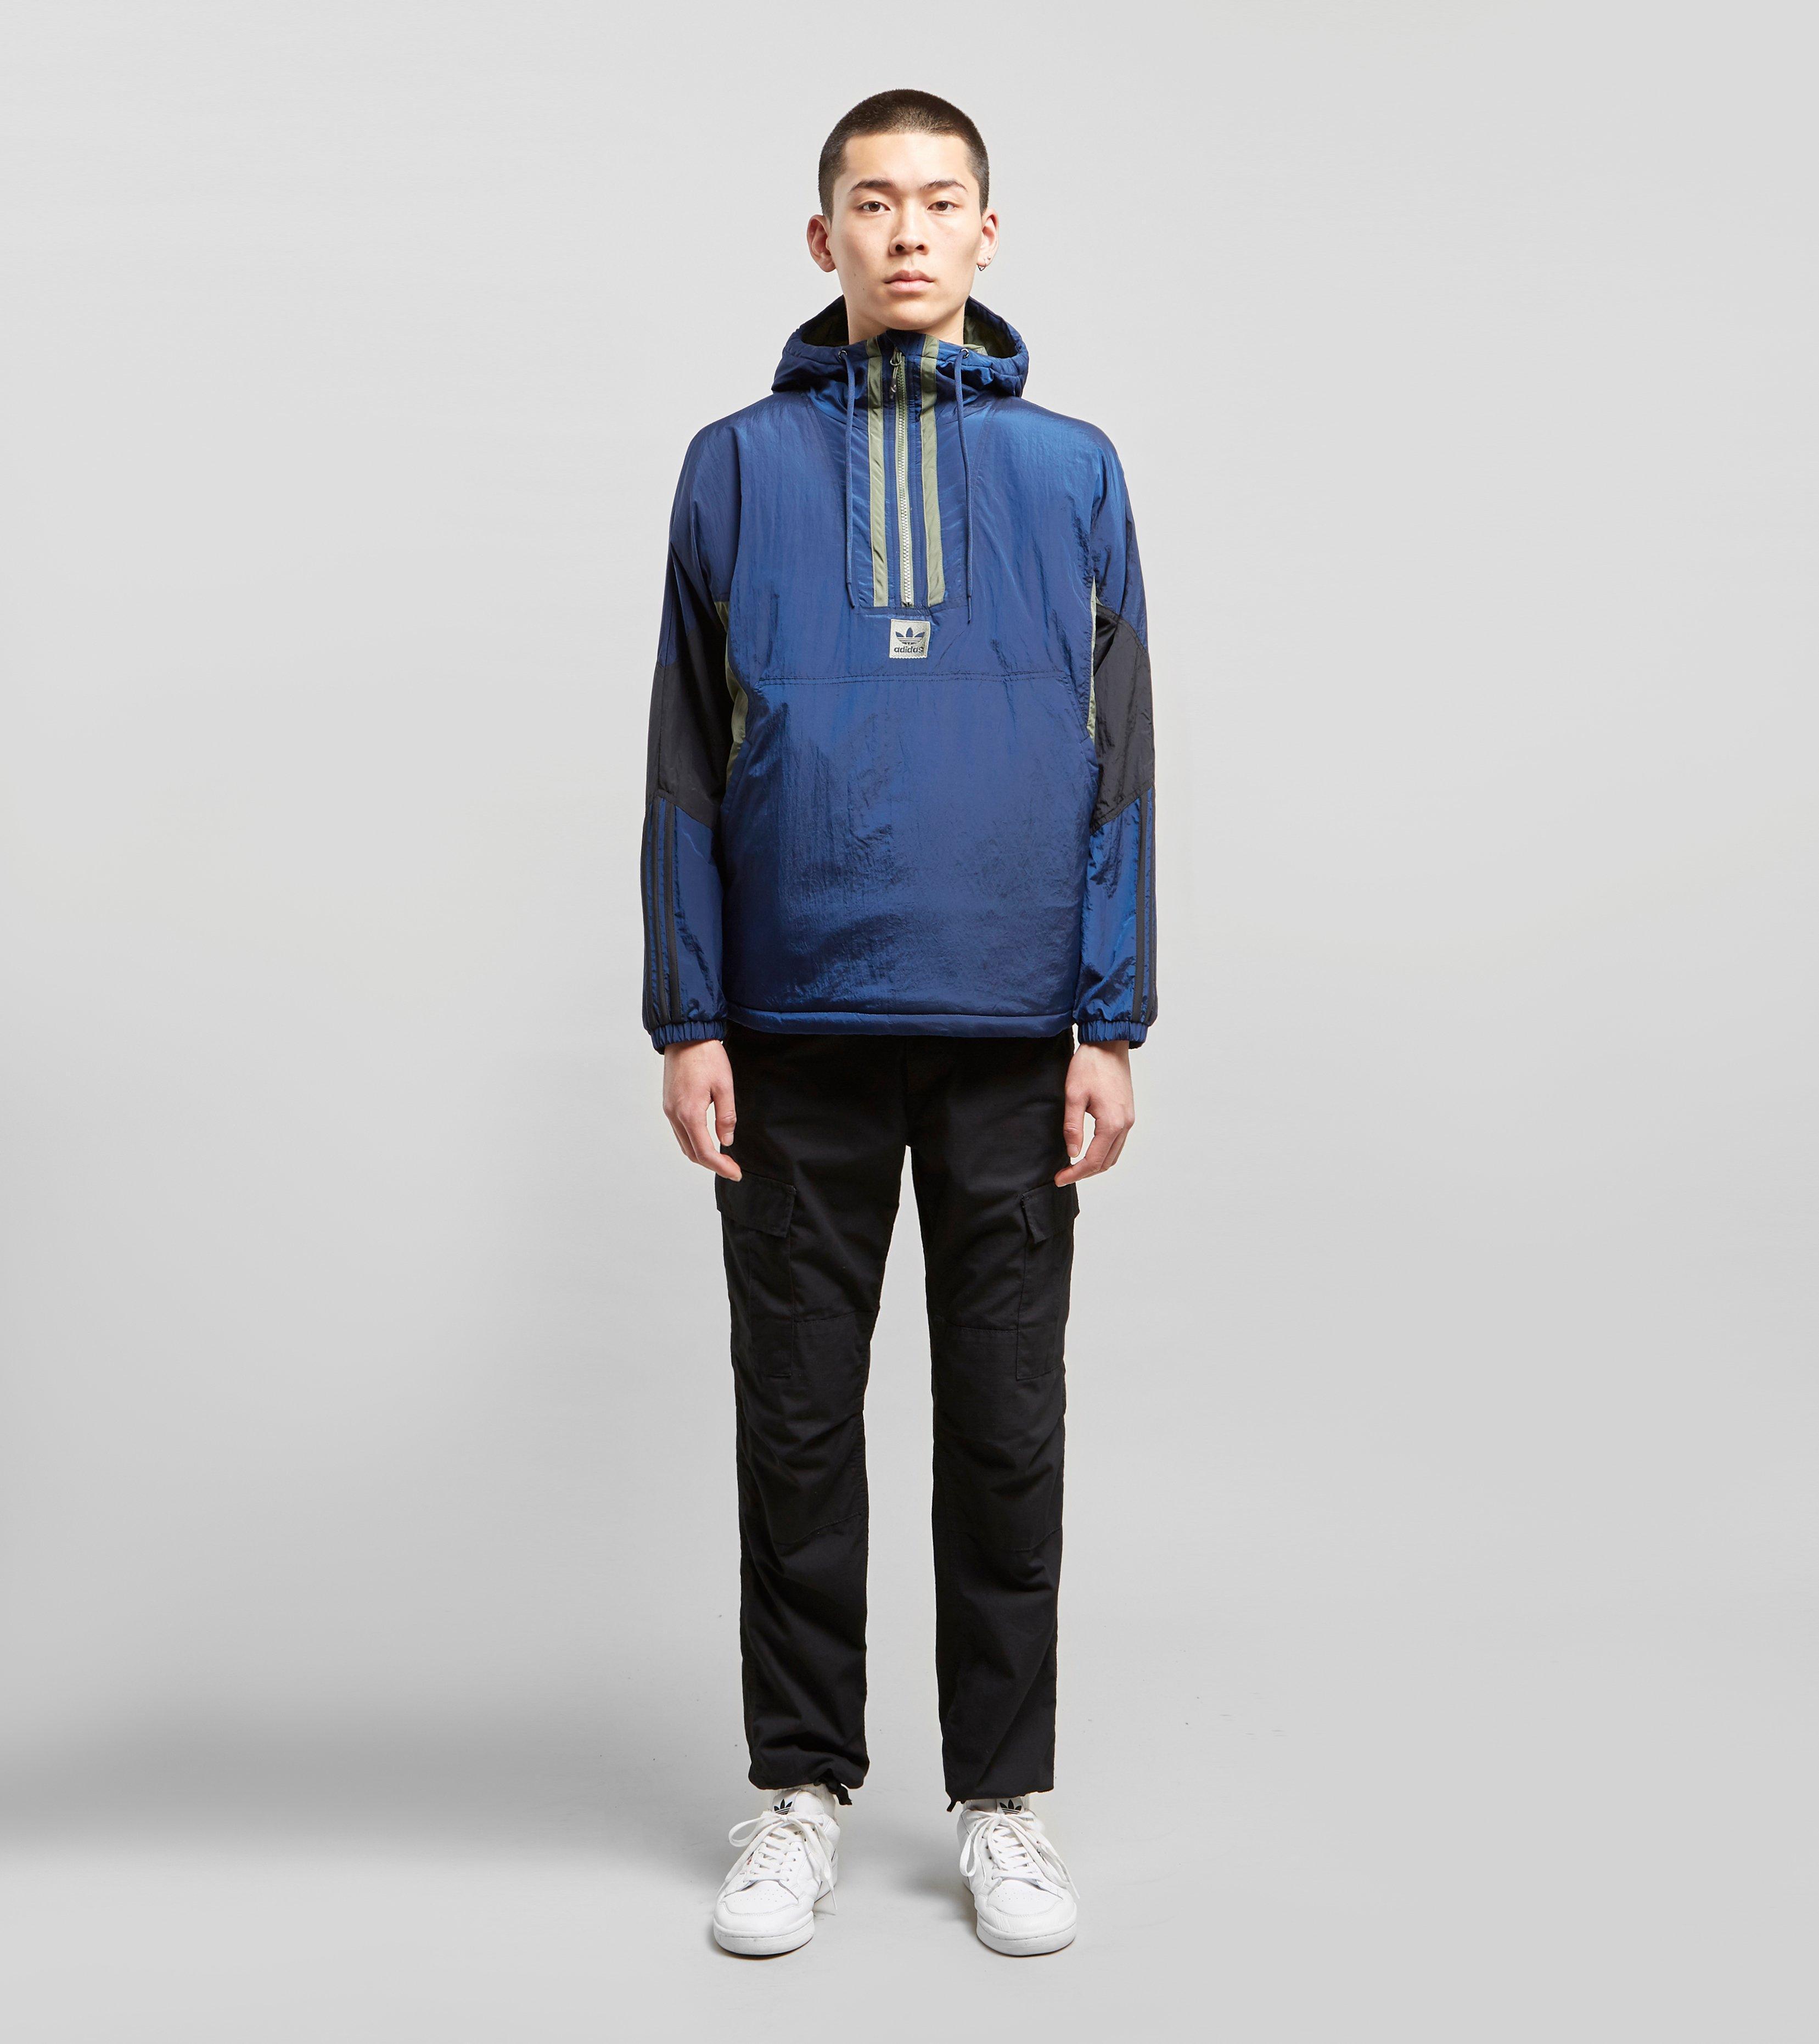 ff84ae6fc1960 Lyst - Adidas Originals Half-zip Anorak in Blue for Men